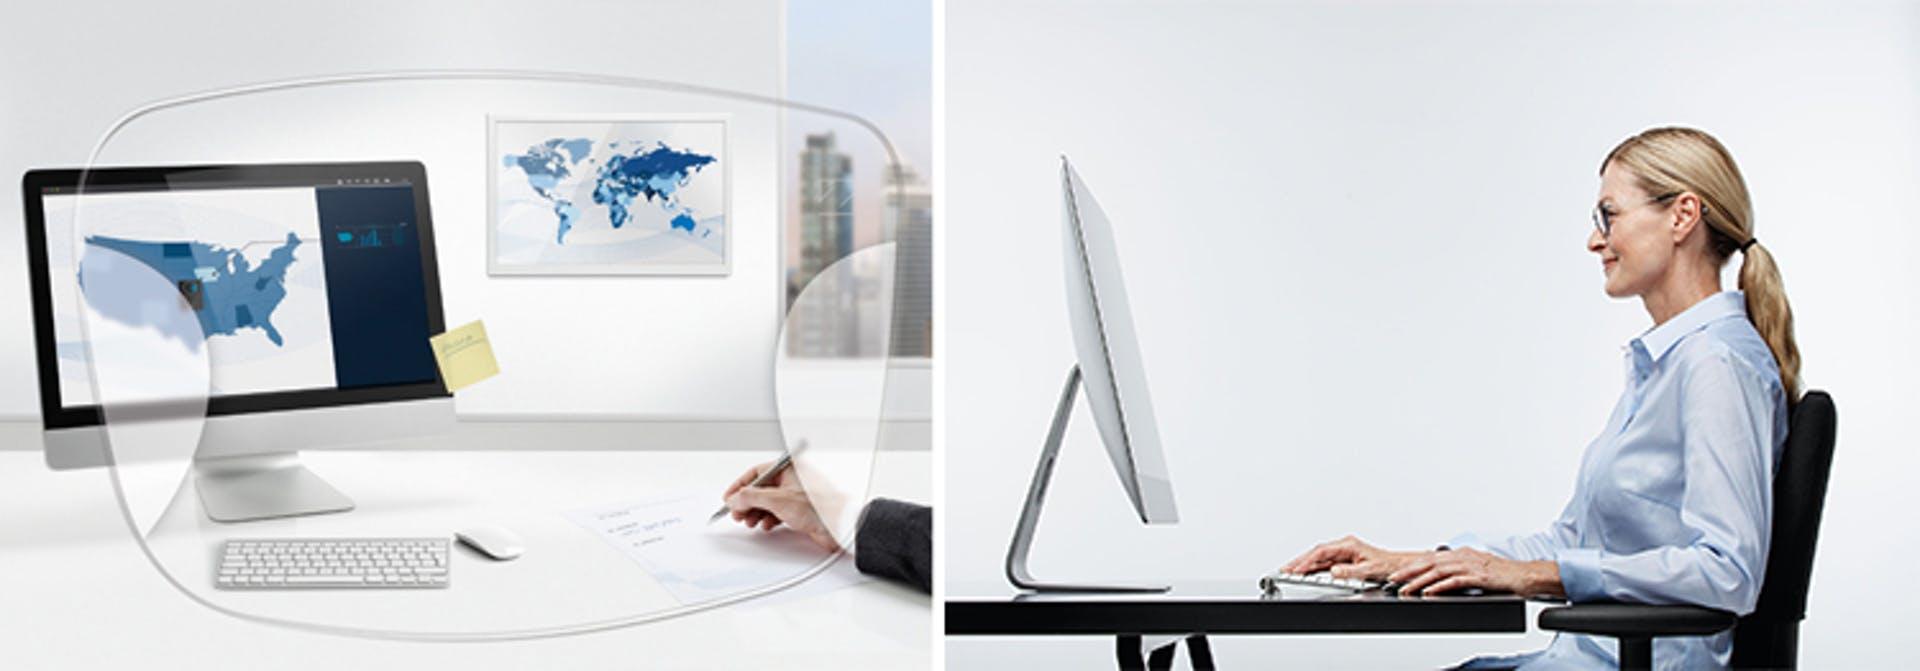 officeLensCentral